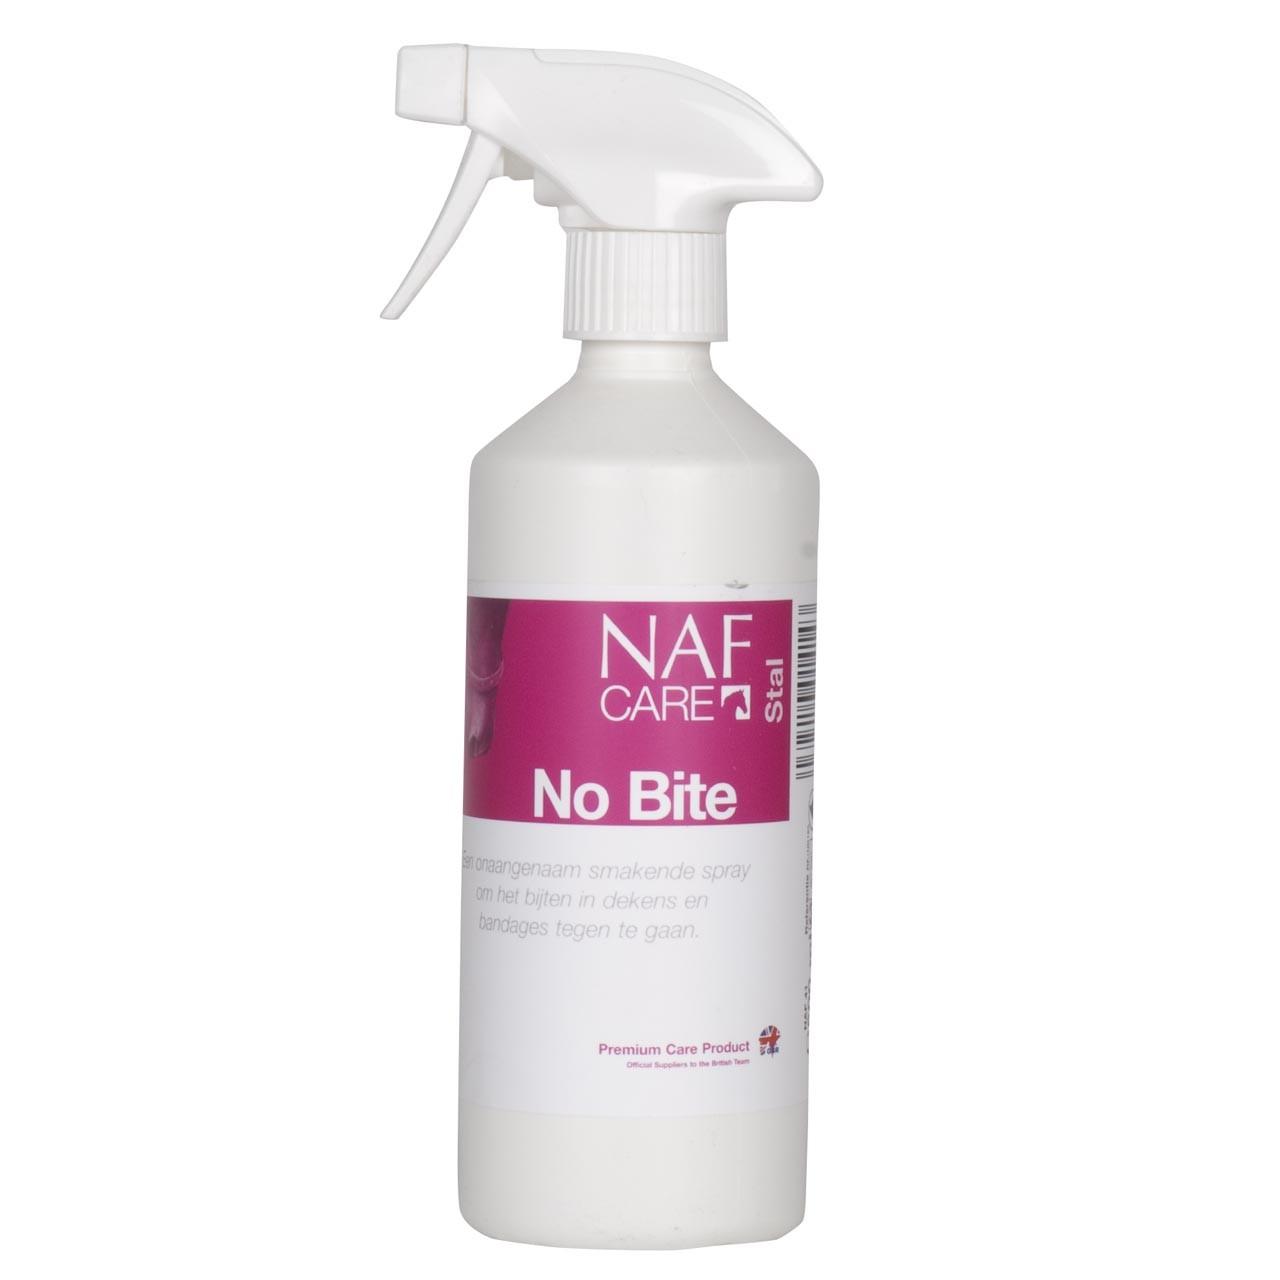 NAF No Bite spray